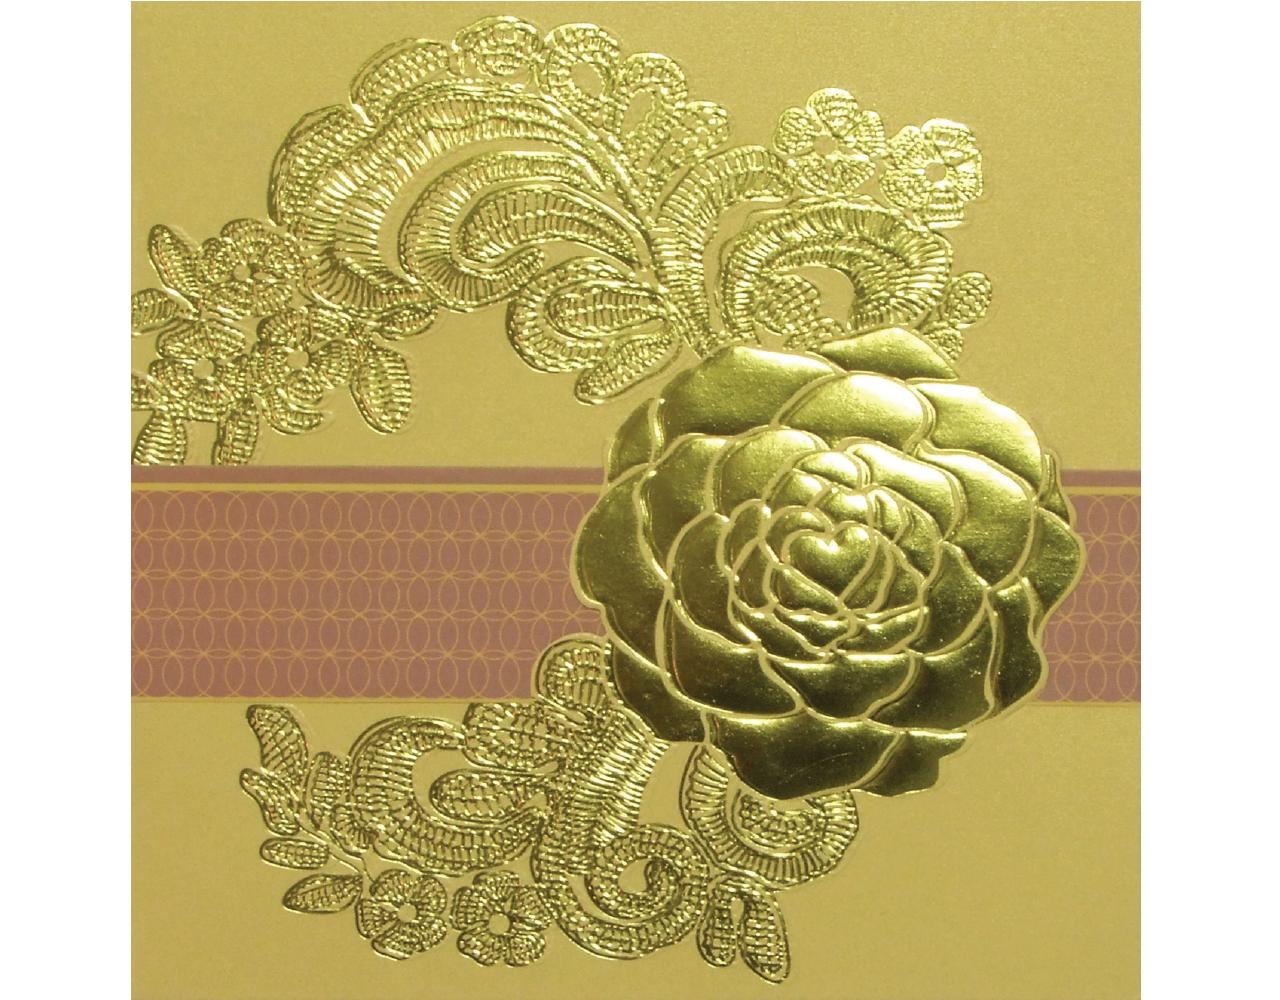 การ์ดแต่งงาน การ์ดงานแต่ง สีมุกทอง สามพับ ปั๊มนูน ไดคัทกุหลาบ พร้อมสายคาด และซอง Wedding Card 14.8 x 14.8 cm WC 5718